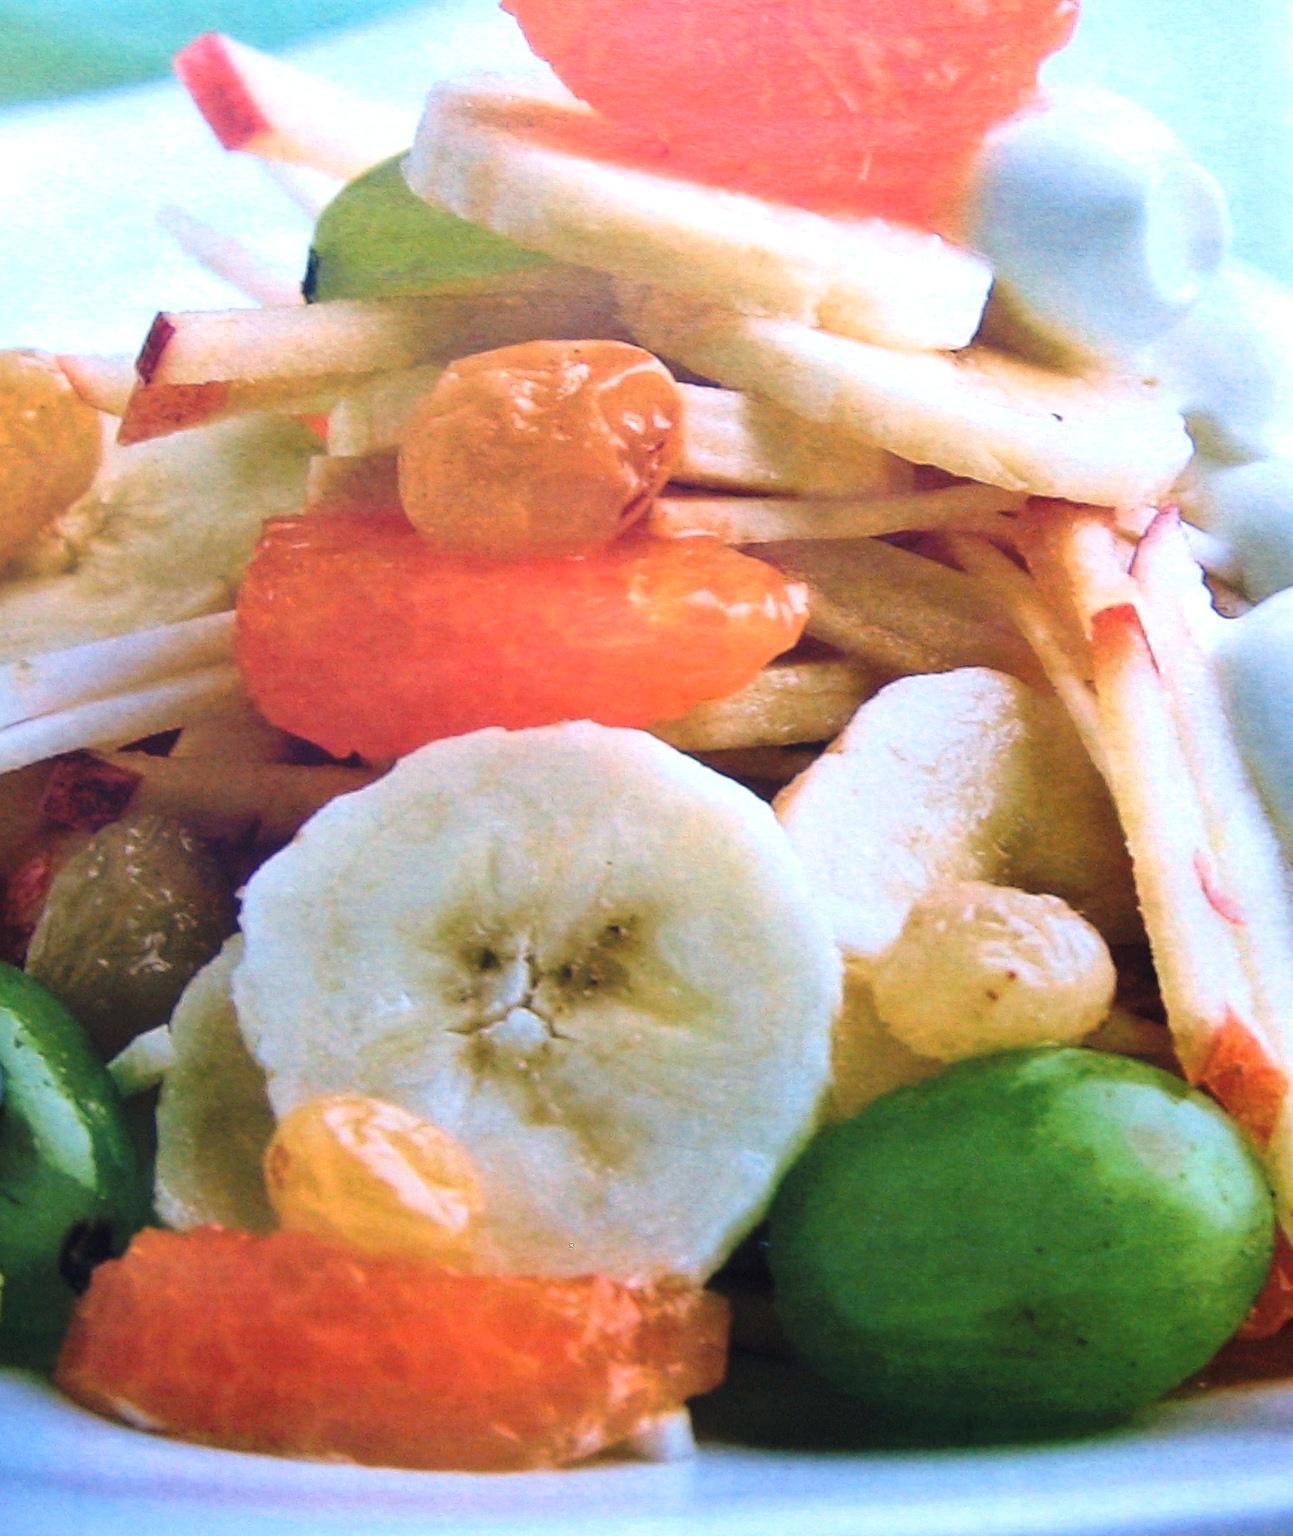 фруктовый_салат_с_йогуртом_и_мандаринами_fruktovyiy_salat_s_yogurtom_i_mandarinami